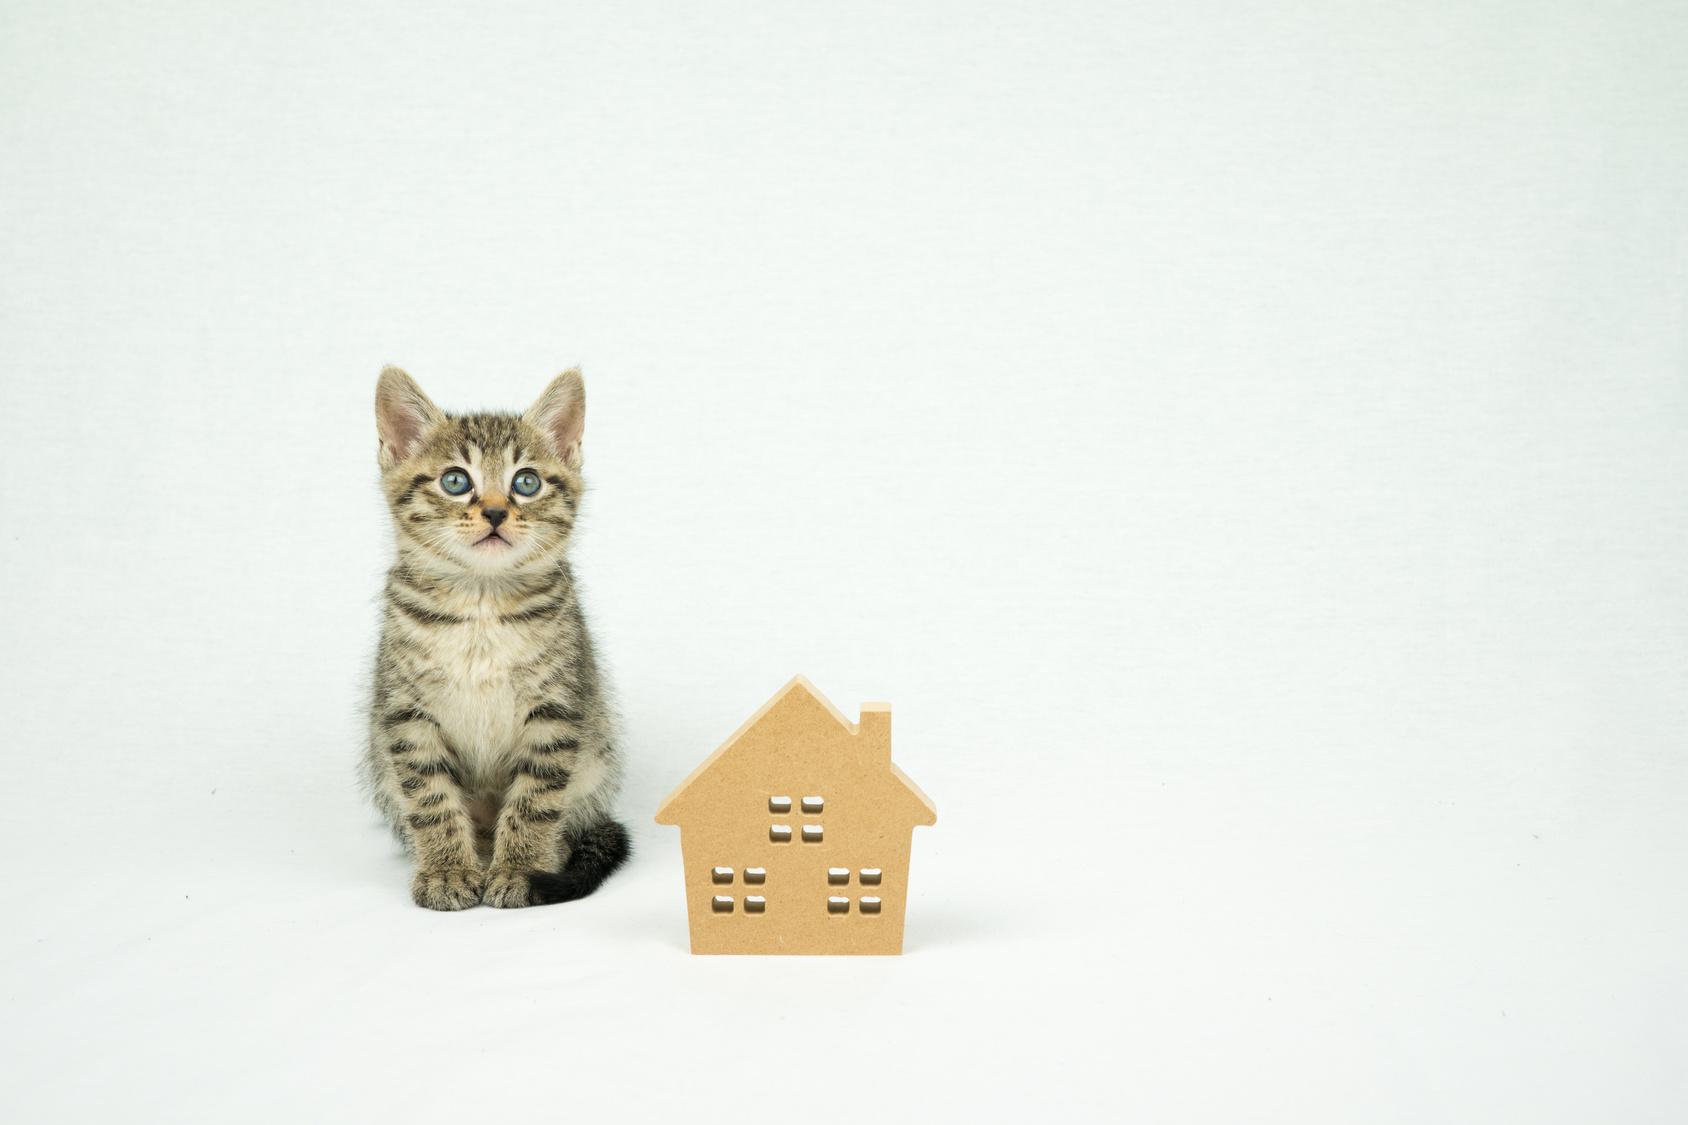 災害があった場合、あなたは愛猫の命を守れますか?